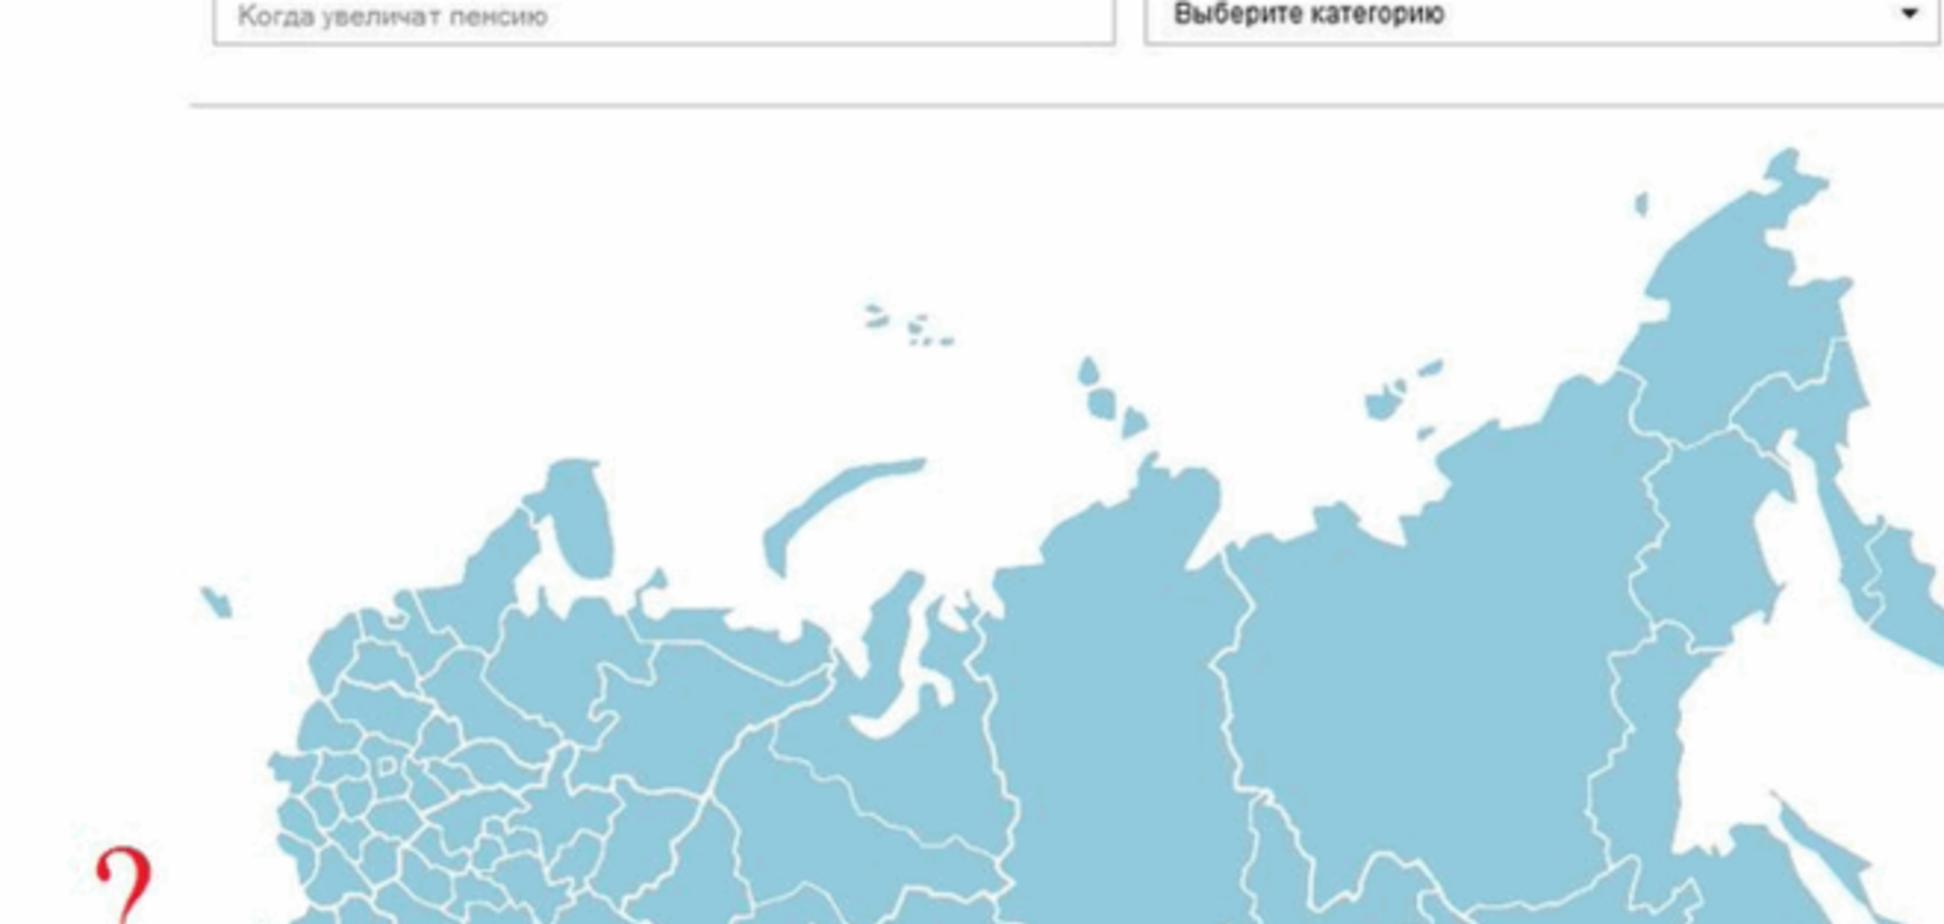 У Путіна знову осоромилися: забули намалювати Крим на карті. Фотофакт